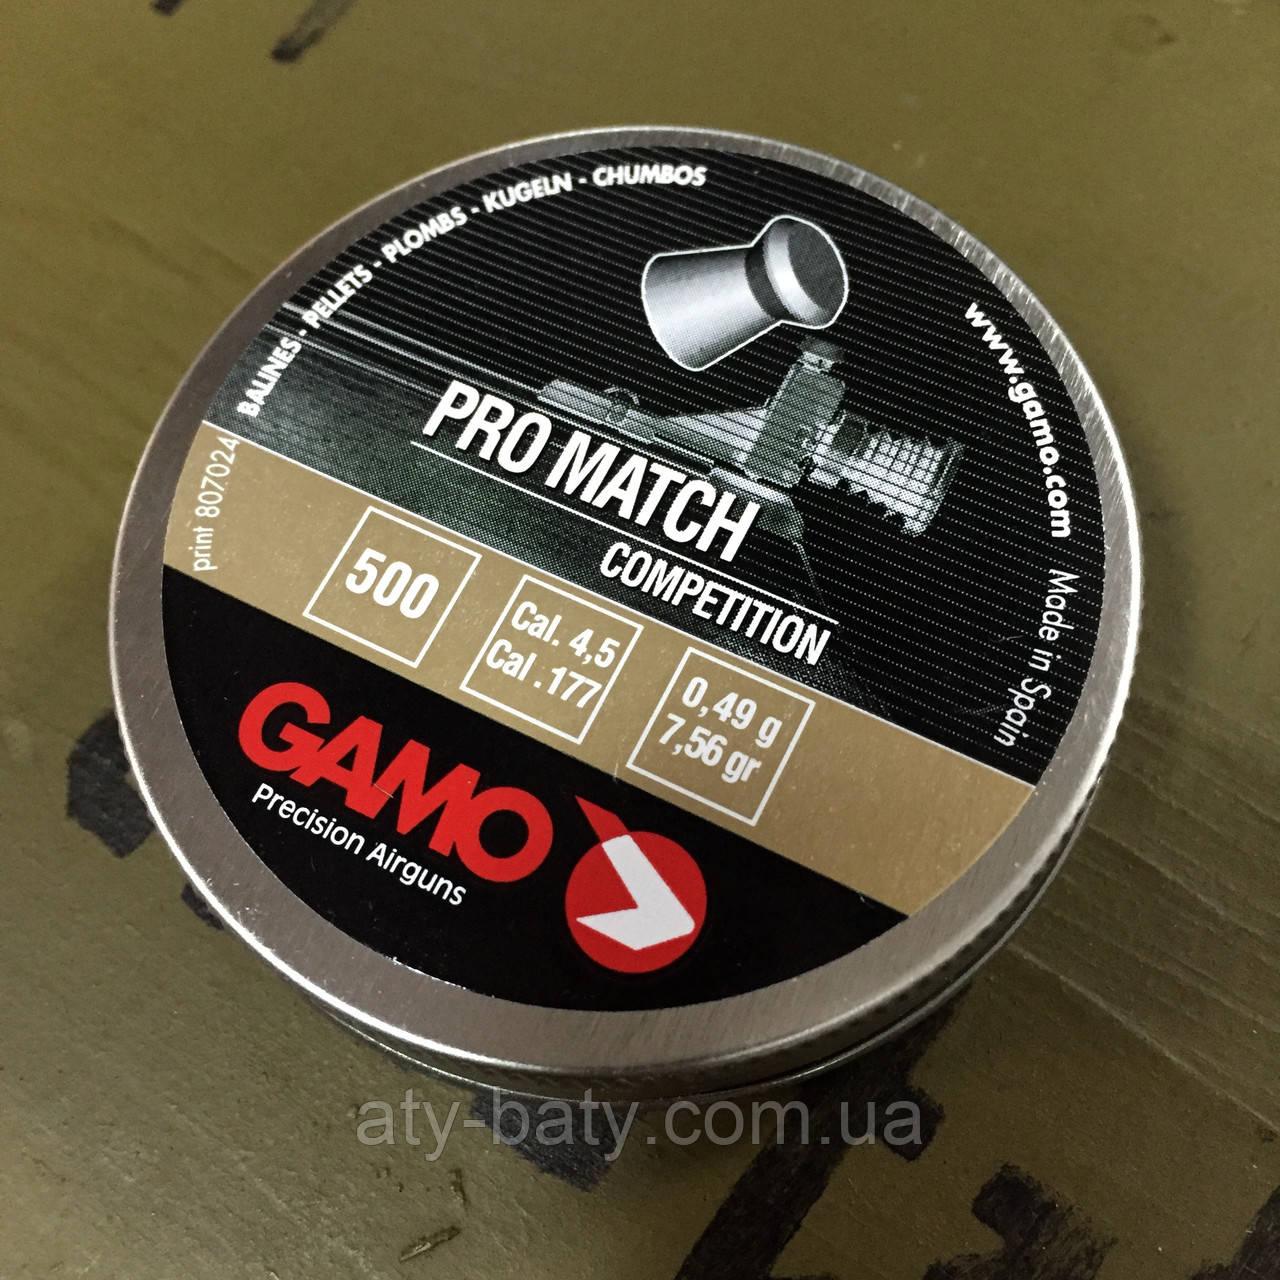 Пули Gamo Pro Match 500 шт